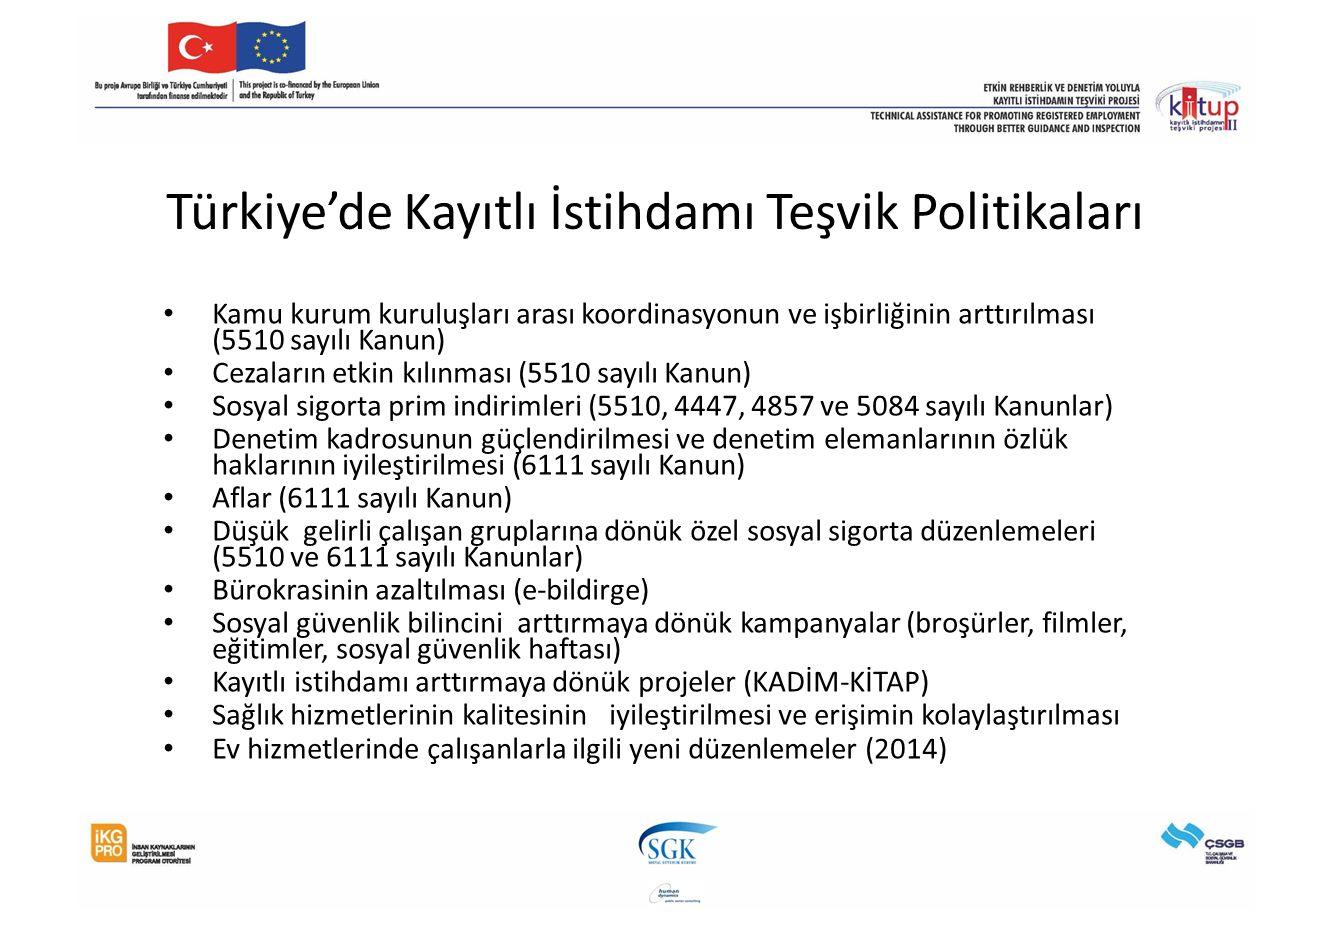 Türkiye'de Kayıtlı İstihdamı Teşvik Politikaları Kamu kurum kuruluşları arası koordinasyonun ve işbirliğinin arttırılması (5510 sayılı Kanun) Cezaların etkin kılınması (5510 sayılı Kanun) Sosyal sigorta prim indirimleri (5510, 4447, 4857 ve 5084 sayılı Kanunlar) Denetim kadrosunun güçlendirilmesi ve denetim elemanlarının özlük haklarının iyileştirilmesi (6111 sayılı Kanun) Aflar (6111 sayılı Kanun) Düşük gelirli çalışan gruplarına dönük özel sosyal sigorta düzenlemeleri (5510 ve 6111 sayılı Kanunlar) Bürokrasinin azaltılması (e-bildirge) Sosyal güvenlik bilincini arttırmaya dönük kampanyalar (broşürler, filmler, eğitimler, sosyal güvenlik haftası) Kayıtlı istihdamı arttırmaya dönük projeler (KADİM-KİTAP) Sağlık hizmetlerinin kalitesinin iyileştirilmesi ve erişimin kolaylaştırılması Ev hizmetlerinde çalışanlarla ilgili yeni düzenlemeler (2014)